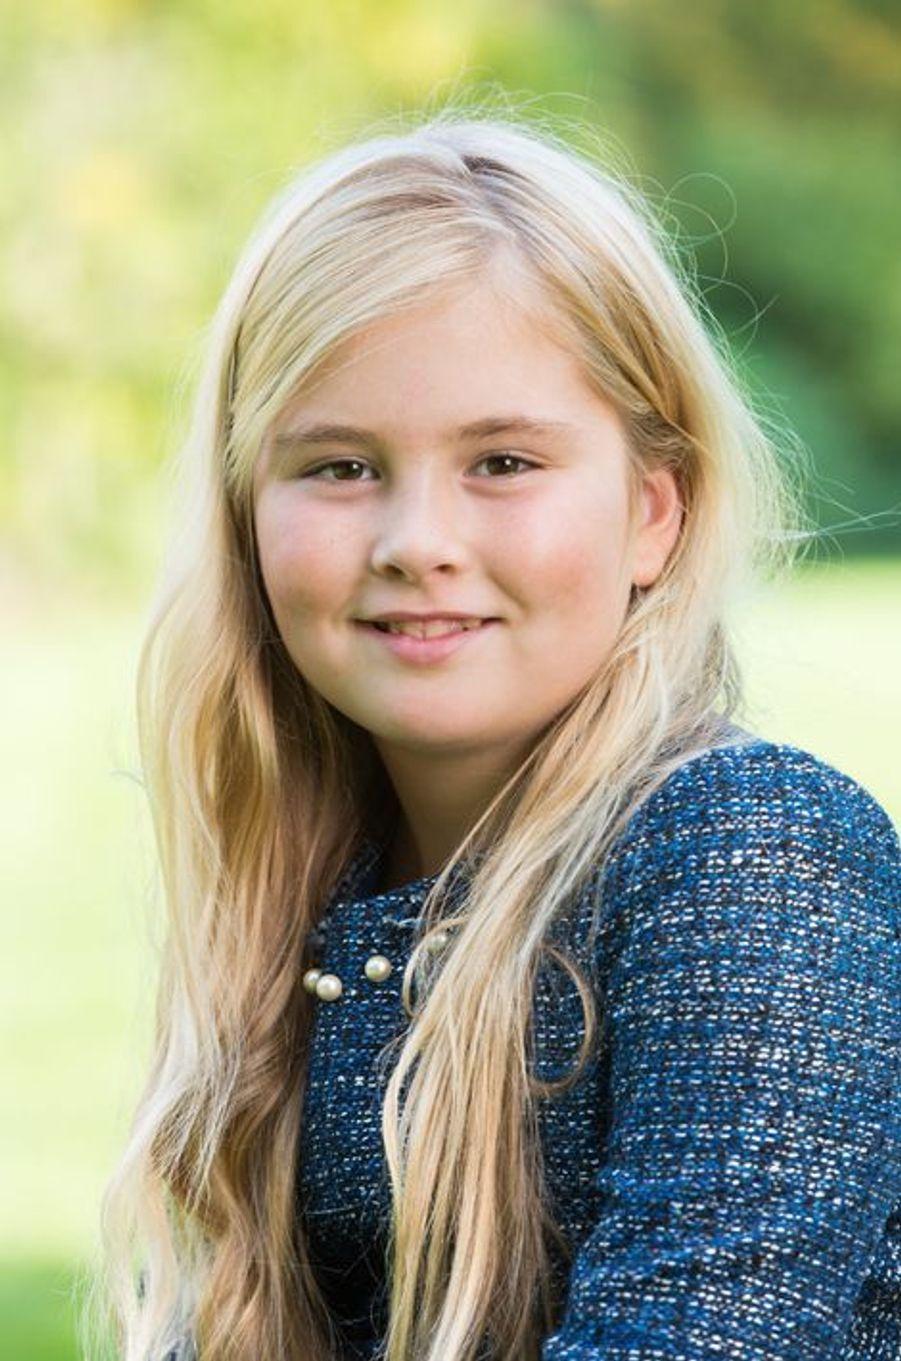 La princesse Catharina-Amalia des Pays-Bas à Wassenaar, à l'automne 2014